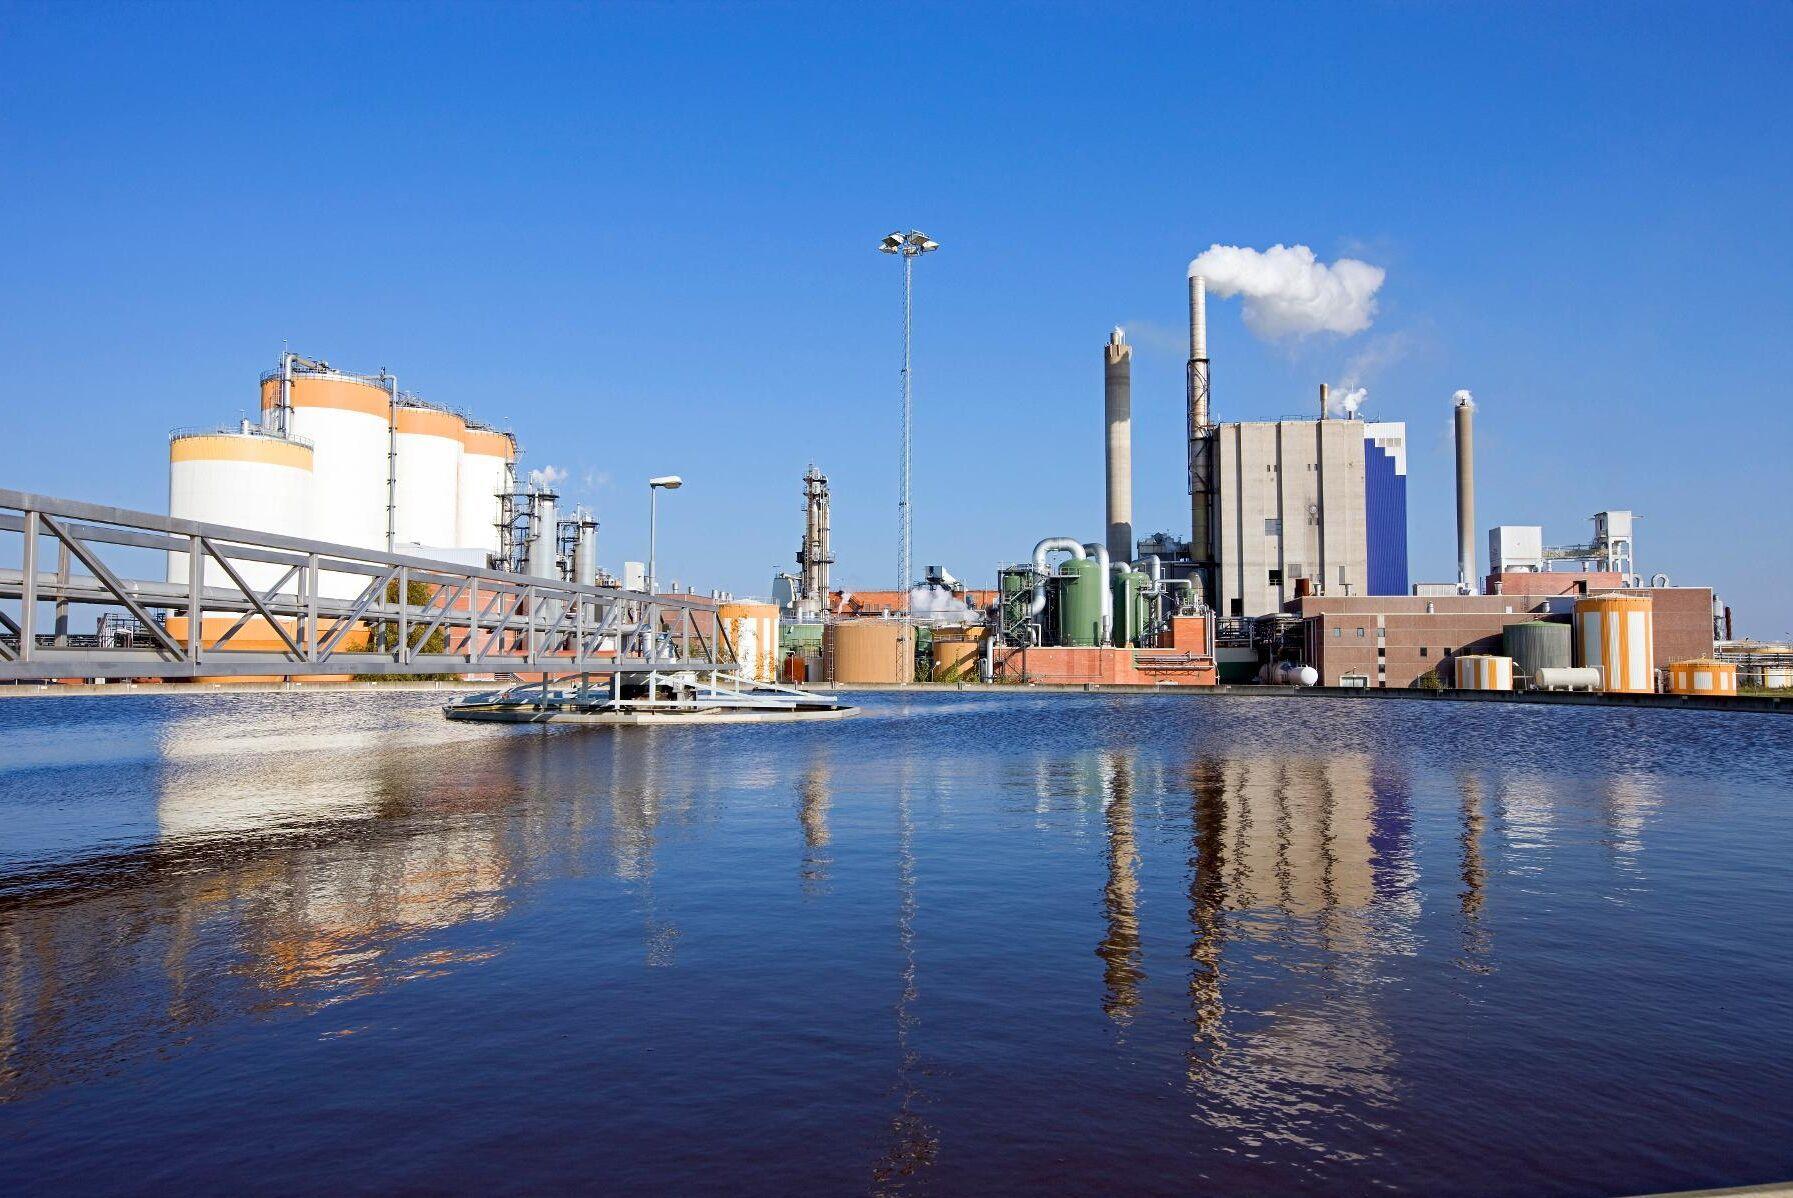 Billerudkorsnäs investerar 2,6 miljarder kronor i en ny sodapanna vid bruket i Frövi.